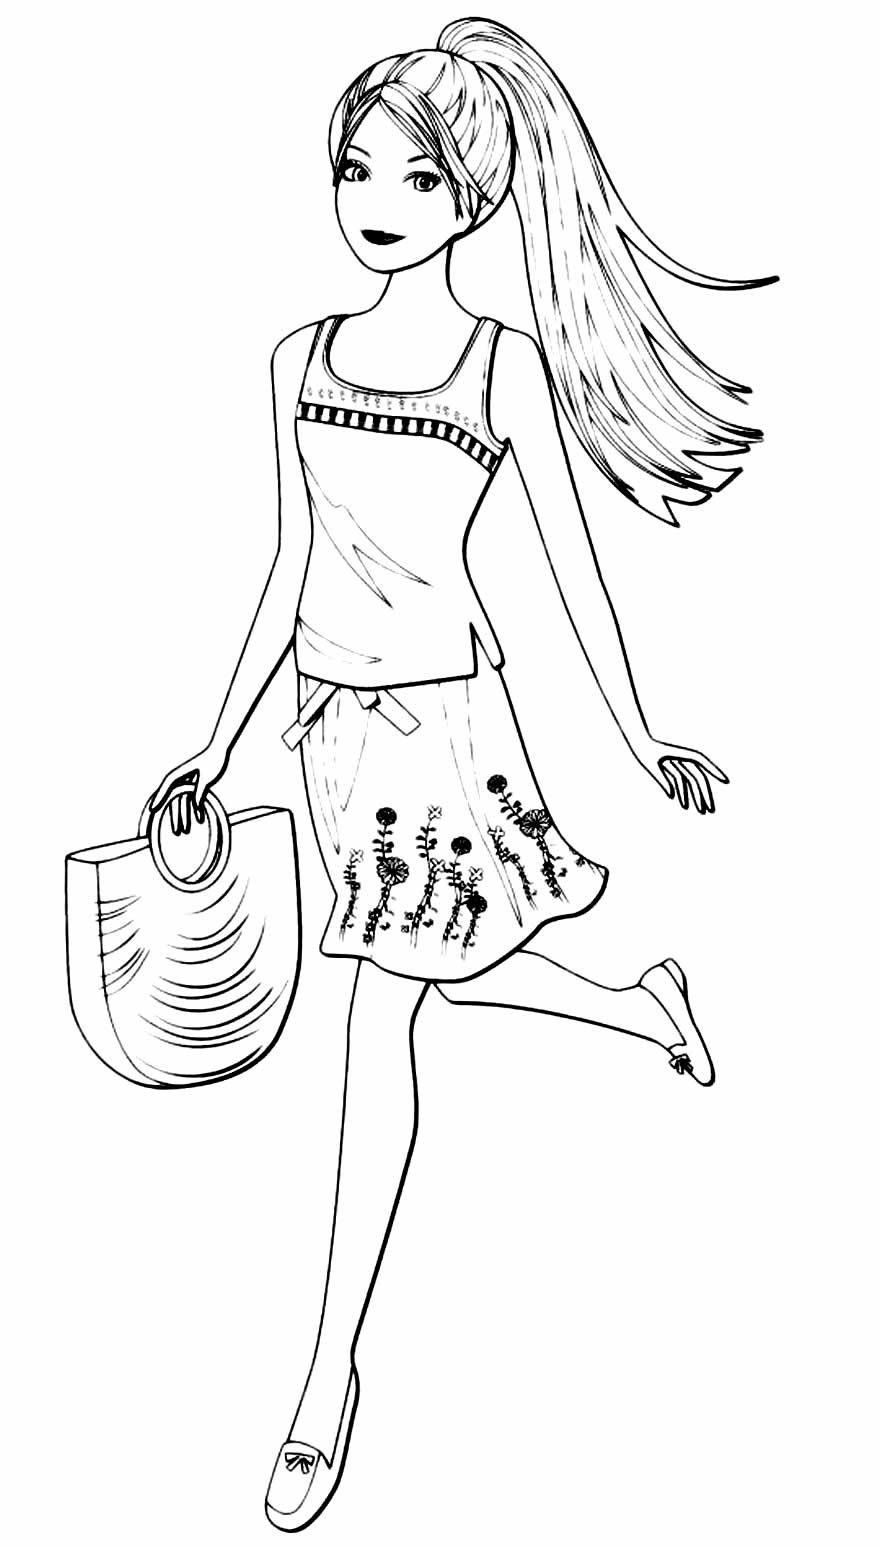 Desenho para colorir da Barbie com bolsa